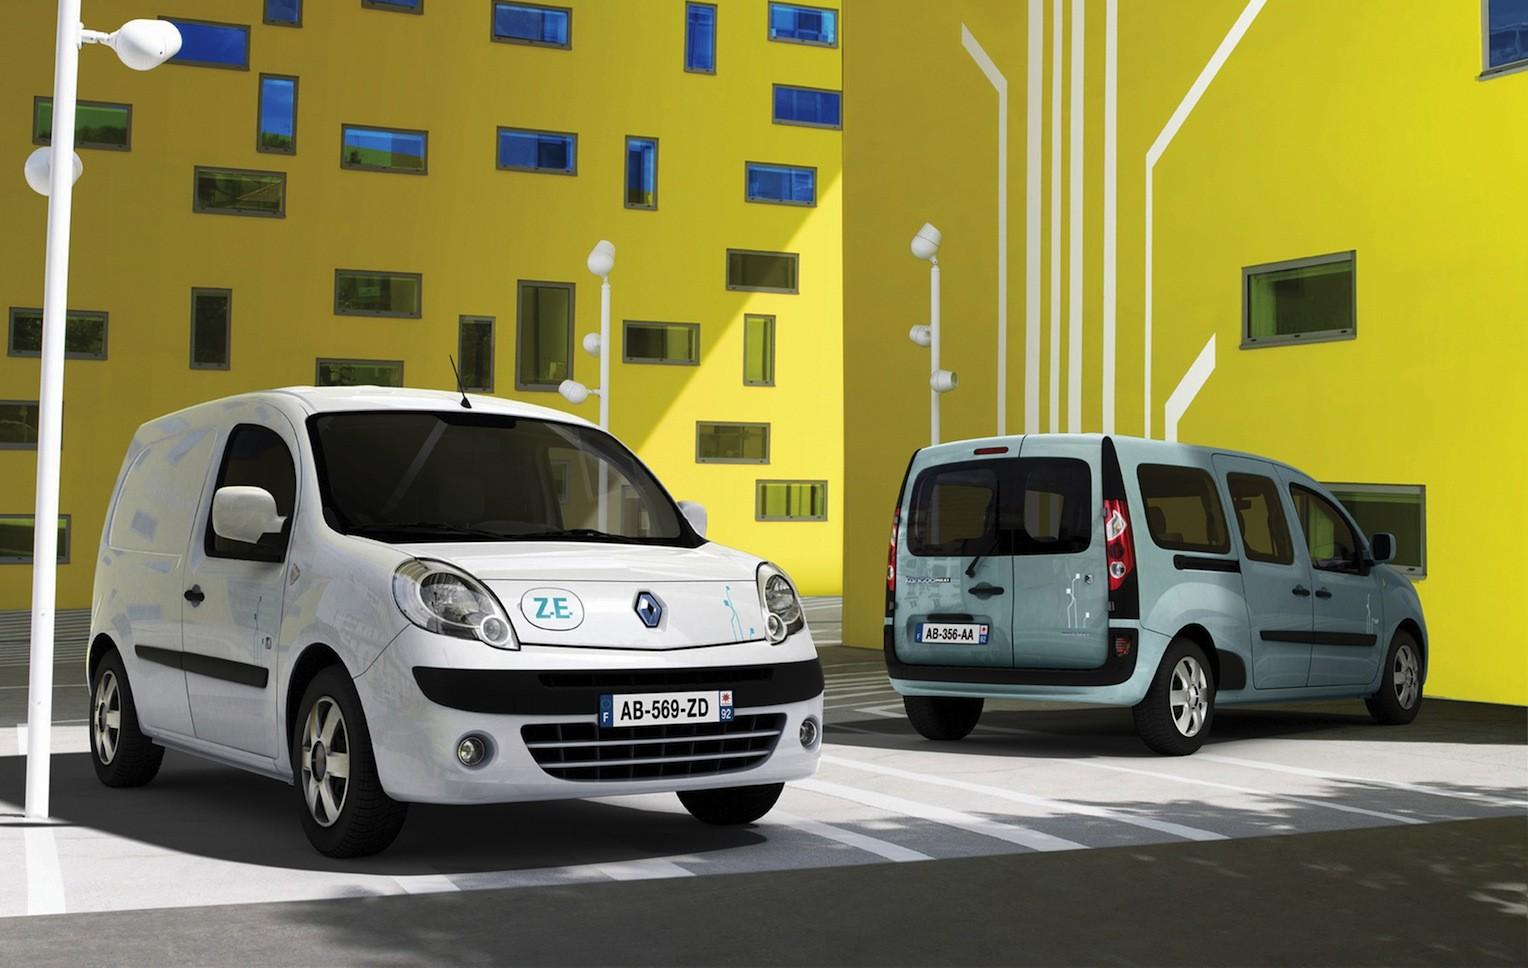 Renault Kangoo ZE electric van coming to Oz - Photos (1 of 3)